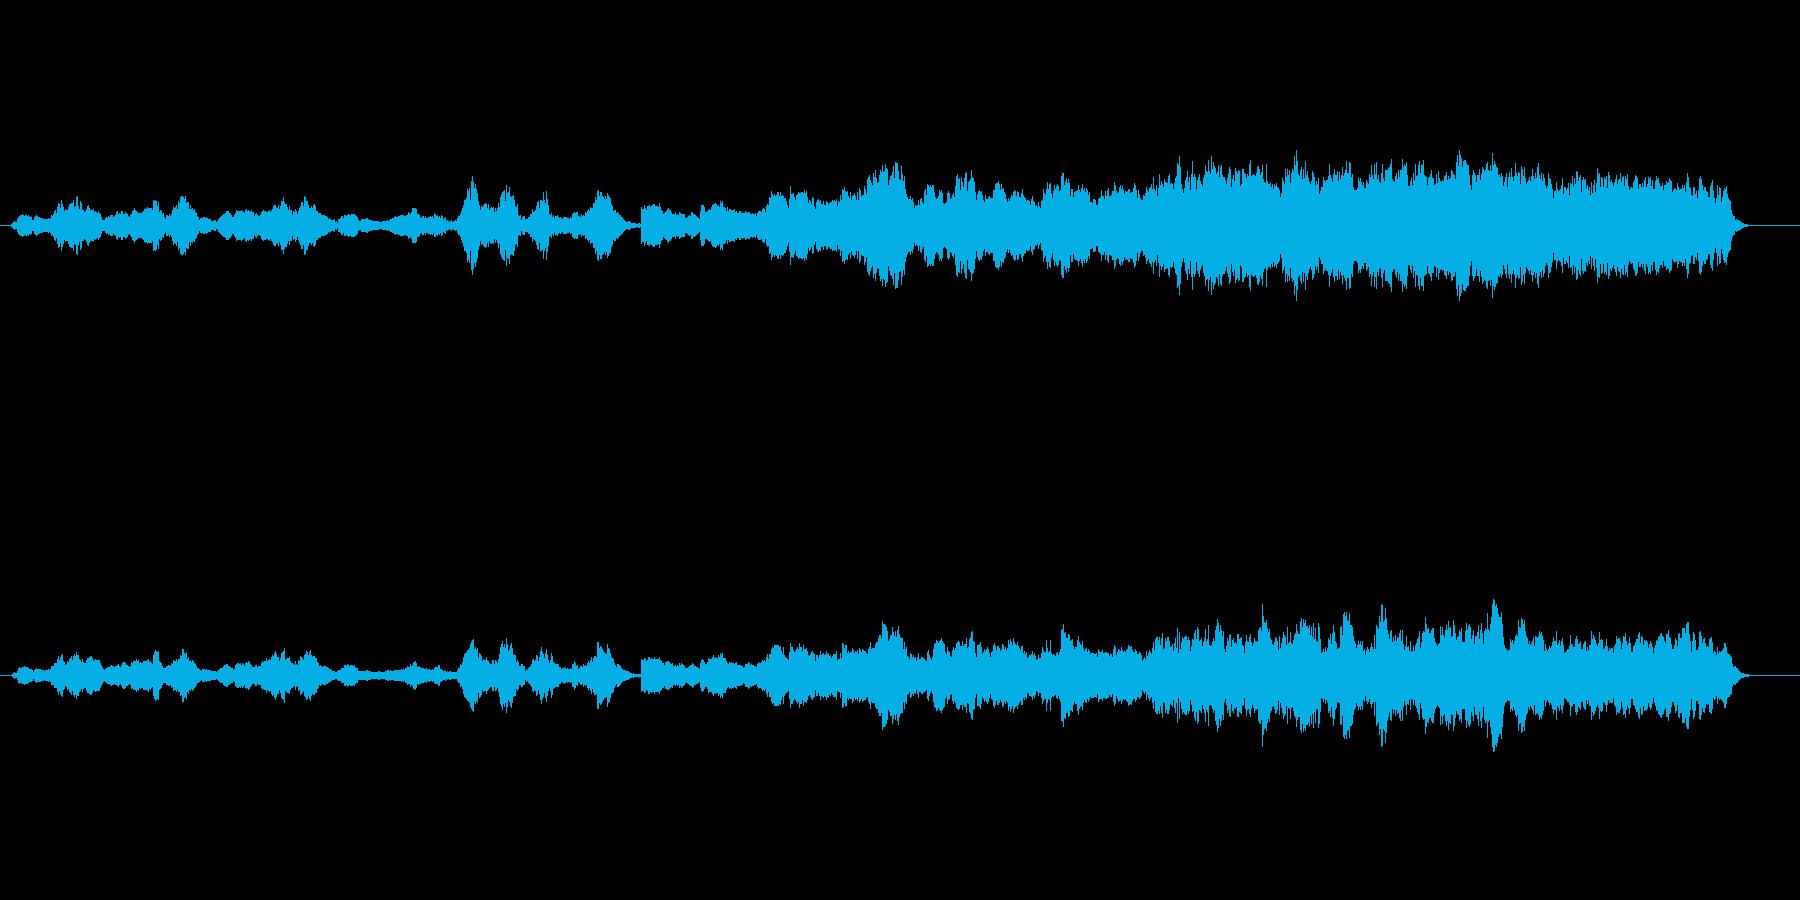 環境音楽風(惑星誕生)の再生済みの波形